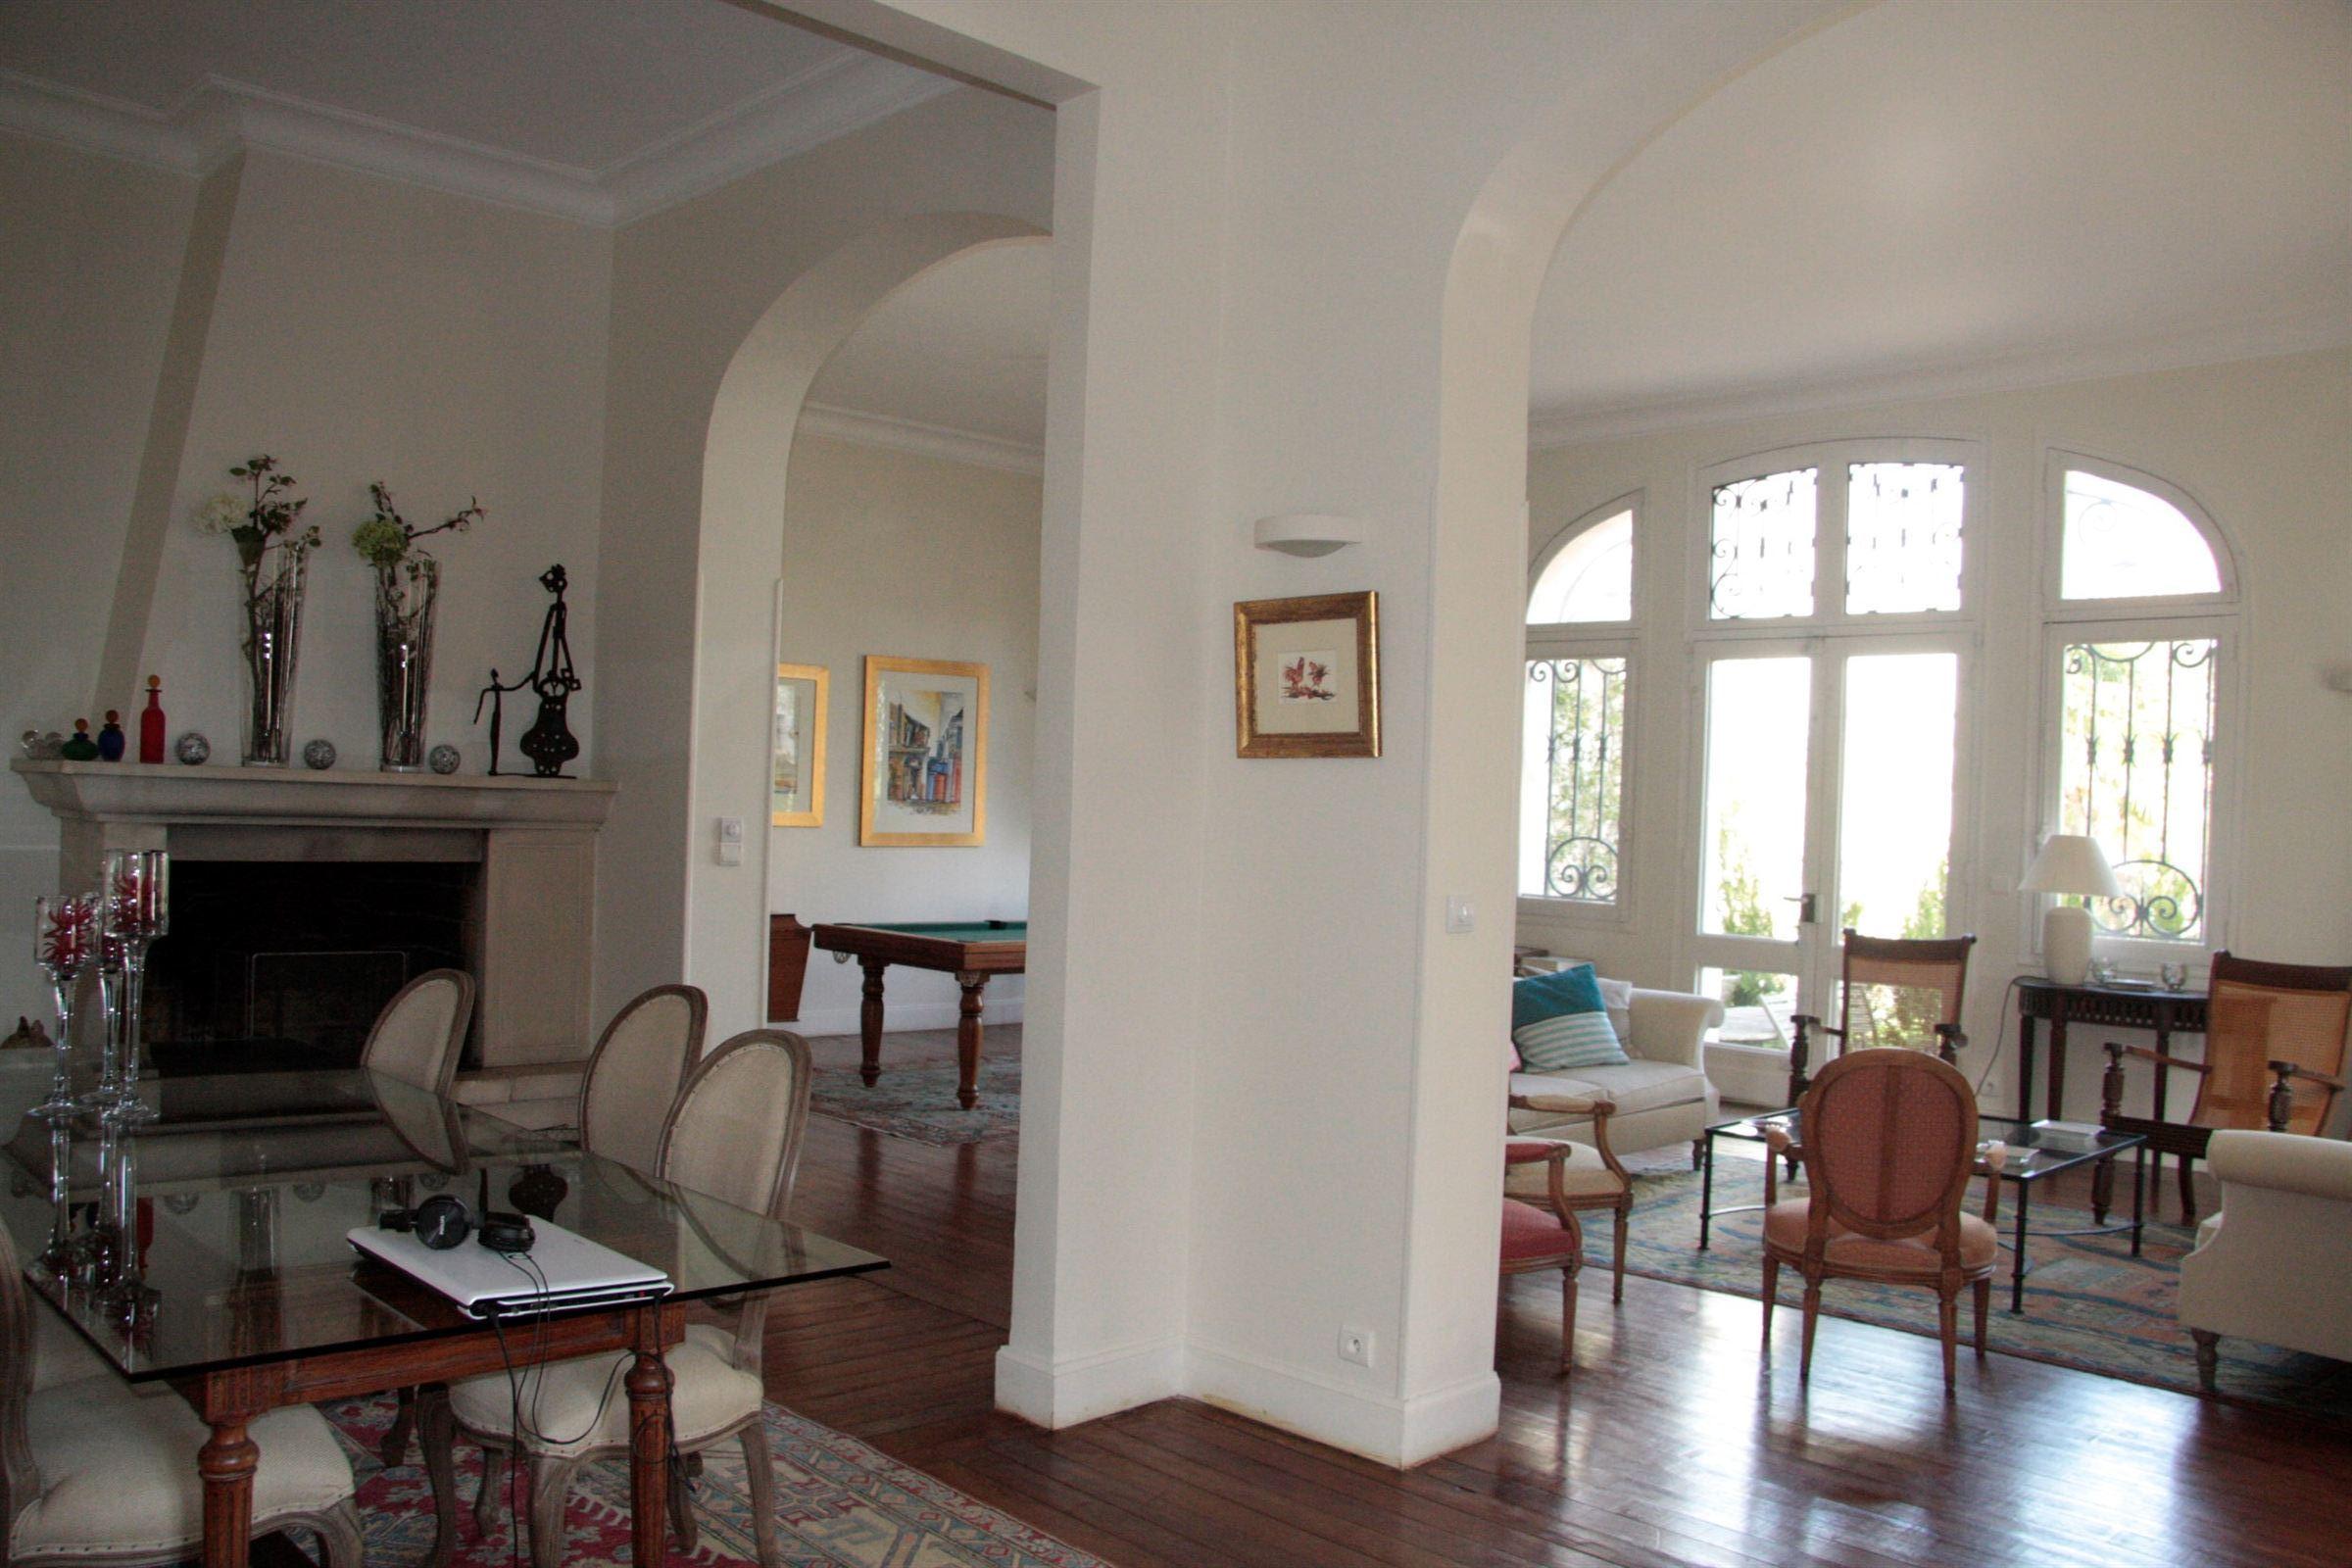 Maison unifamiliale pour l Vente à BORDEAUX - SAINT AUGUSTIN DISTRICT - ART DECO FAMILY HOME Bordeaux, Aquitaine 33000 France